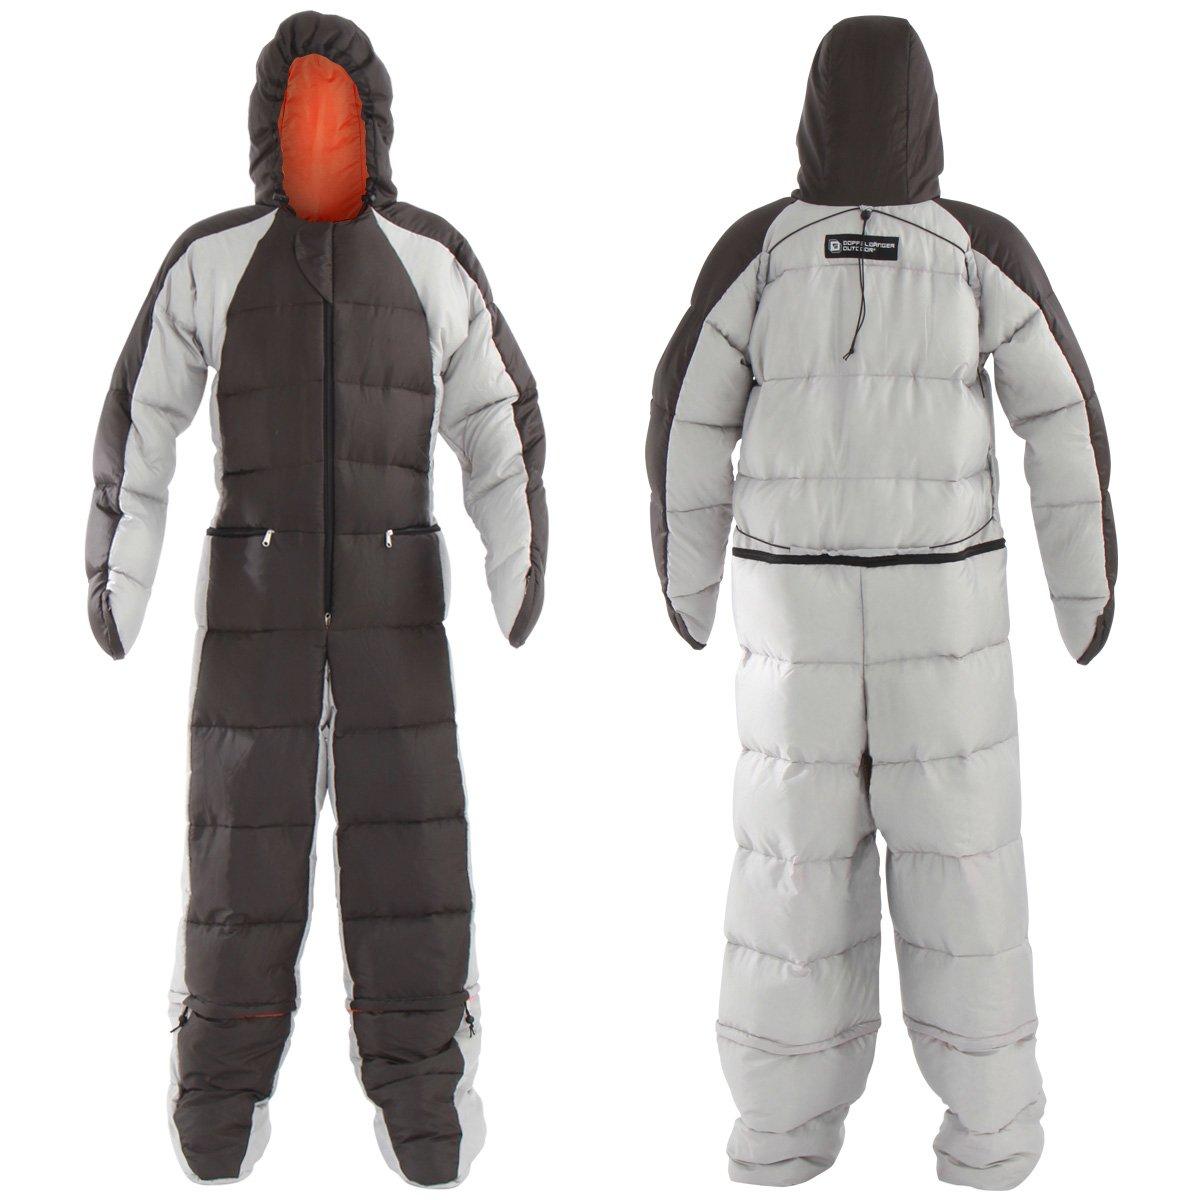 DOPPELGANGER(ドッペルギャンガー) アウトドア ヒューマノイドスリーピングバッグ 人型寝袋 ver.6.0 DS-27B Zack